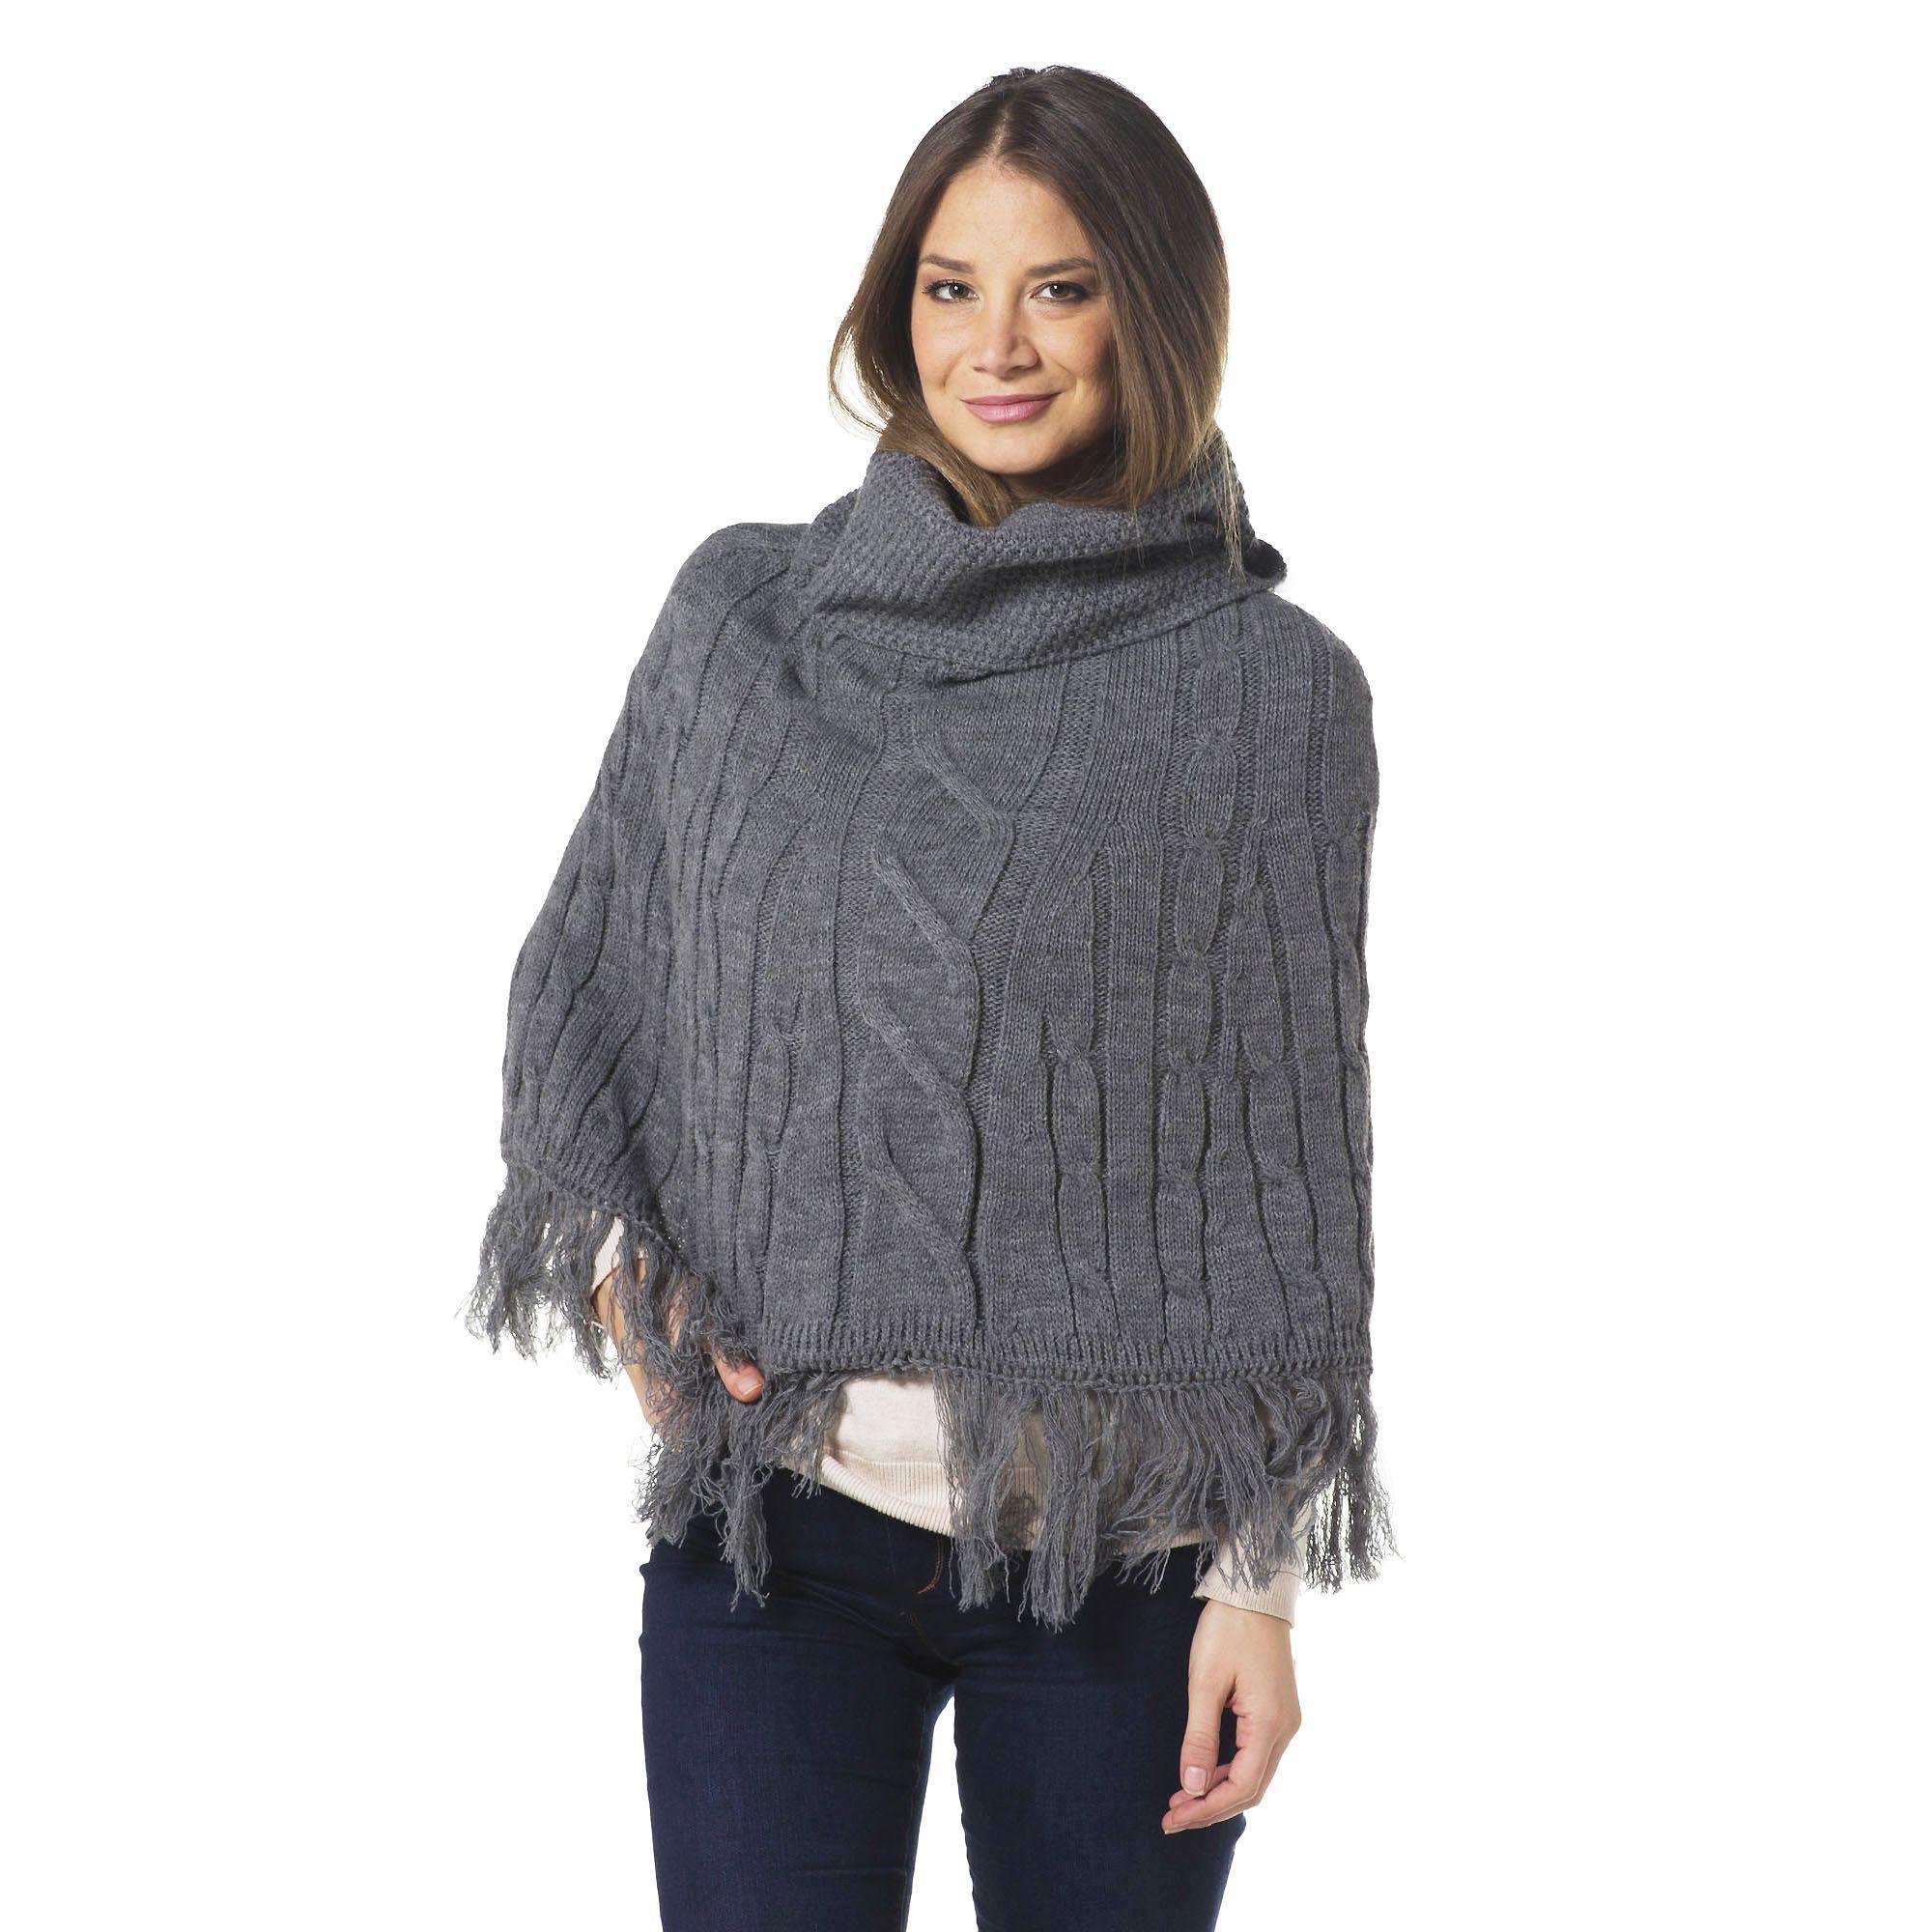 Via Poncho in maglia con lavorazione a trecce e fondo con frange